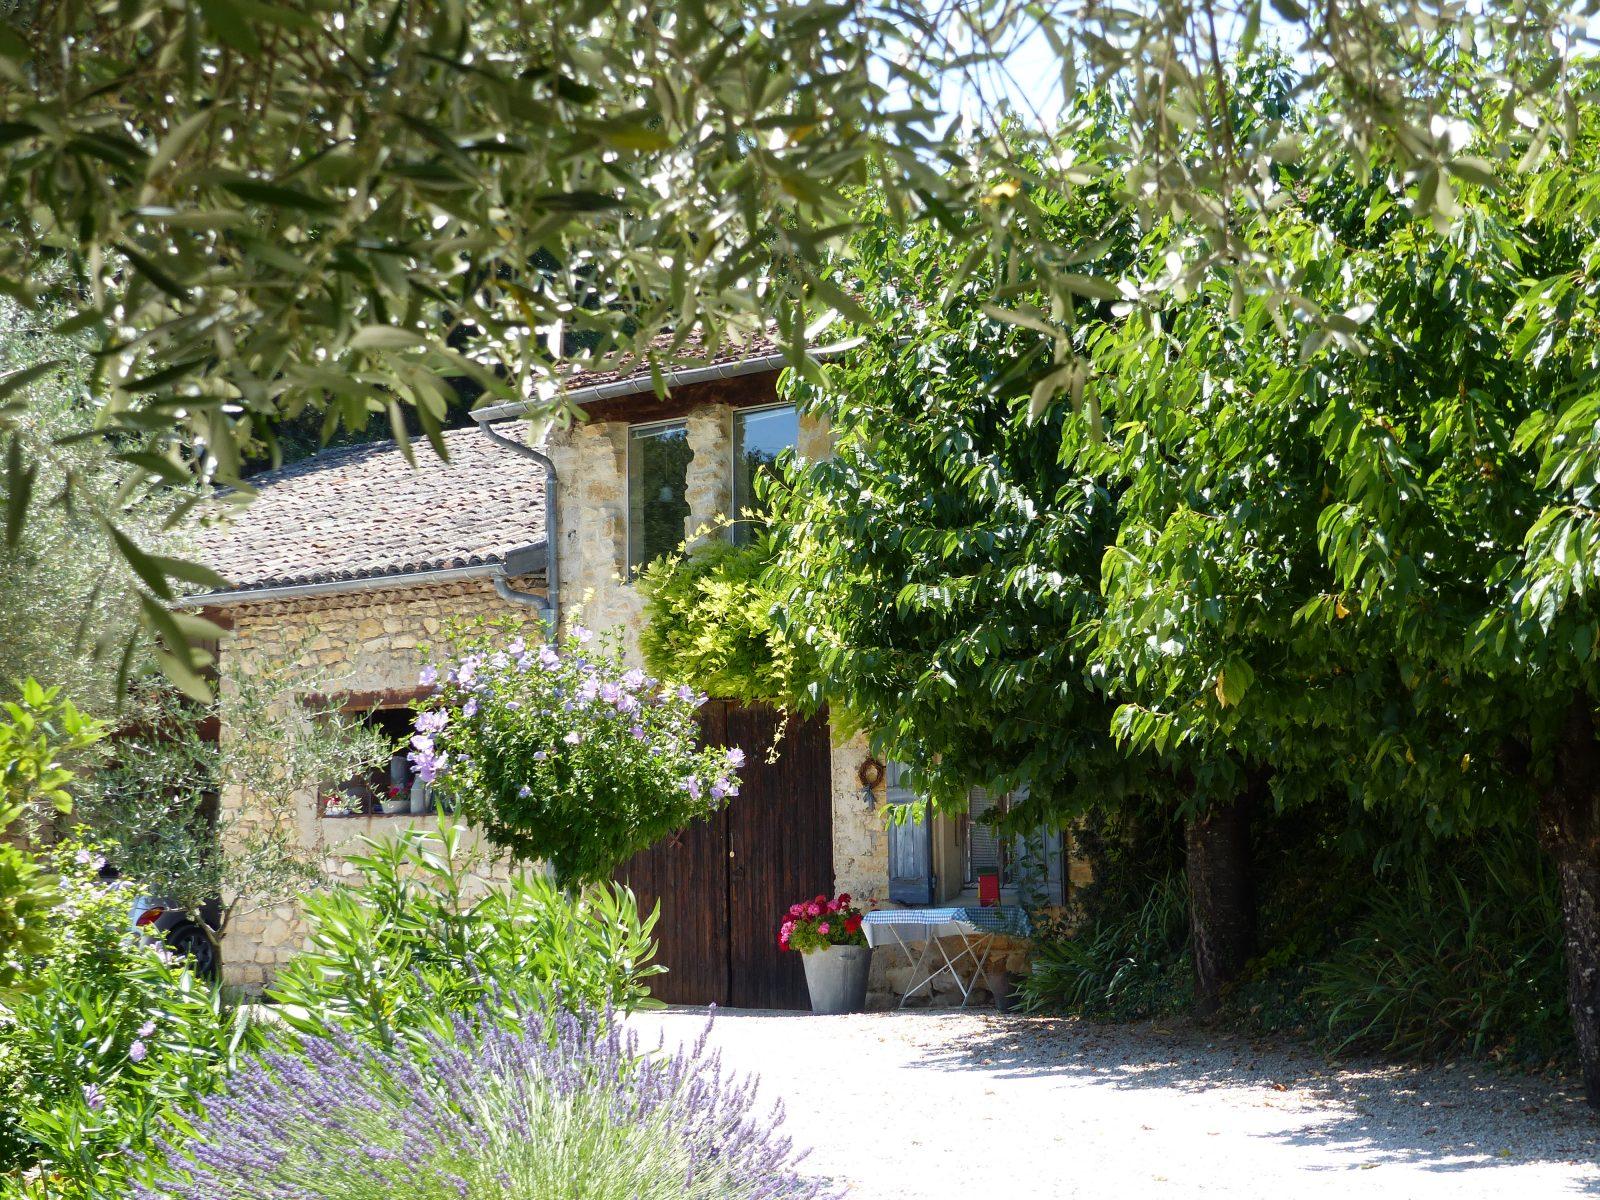 Espace vert Domaine de la Ruche Apis Mellifera